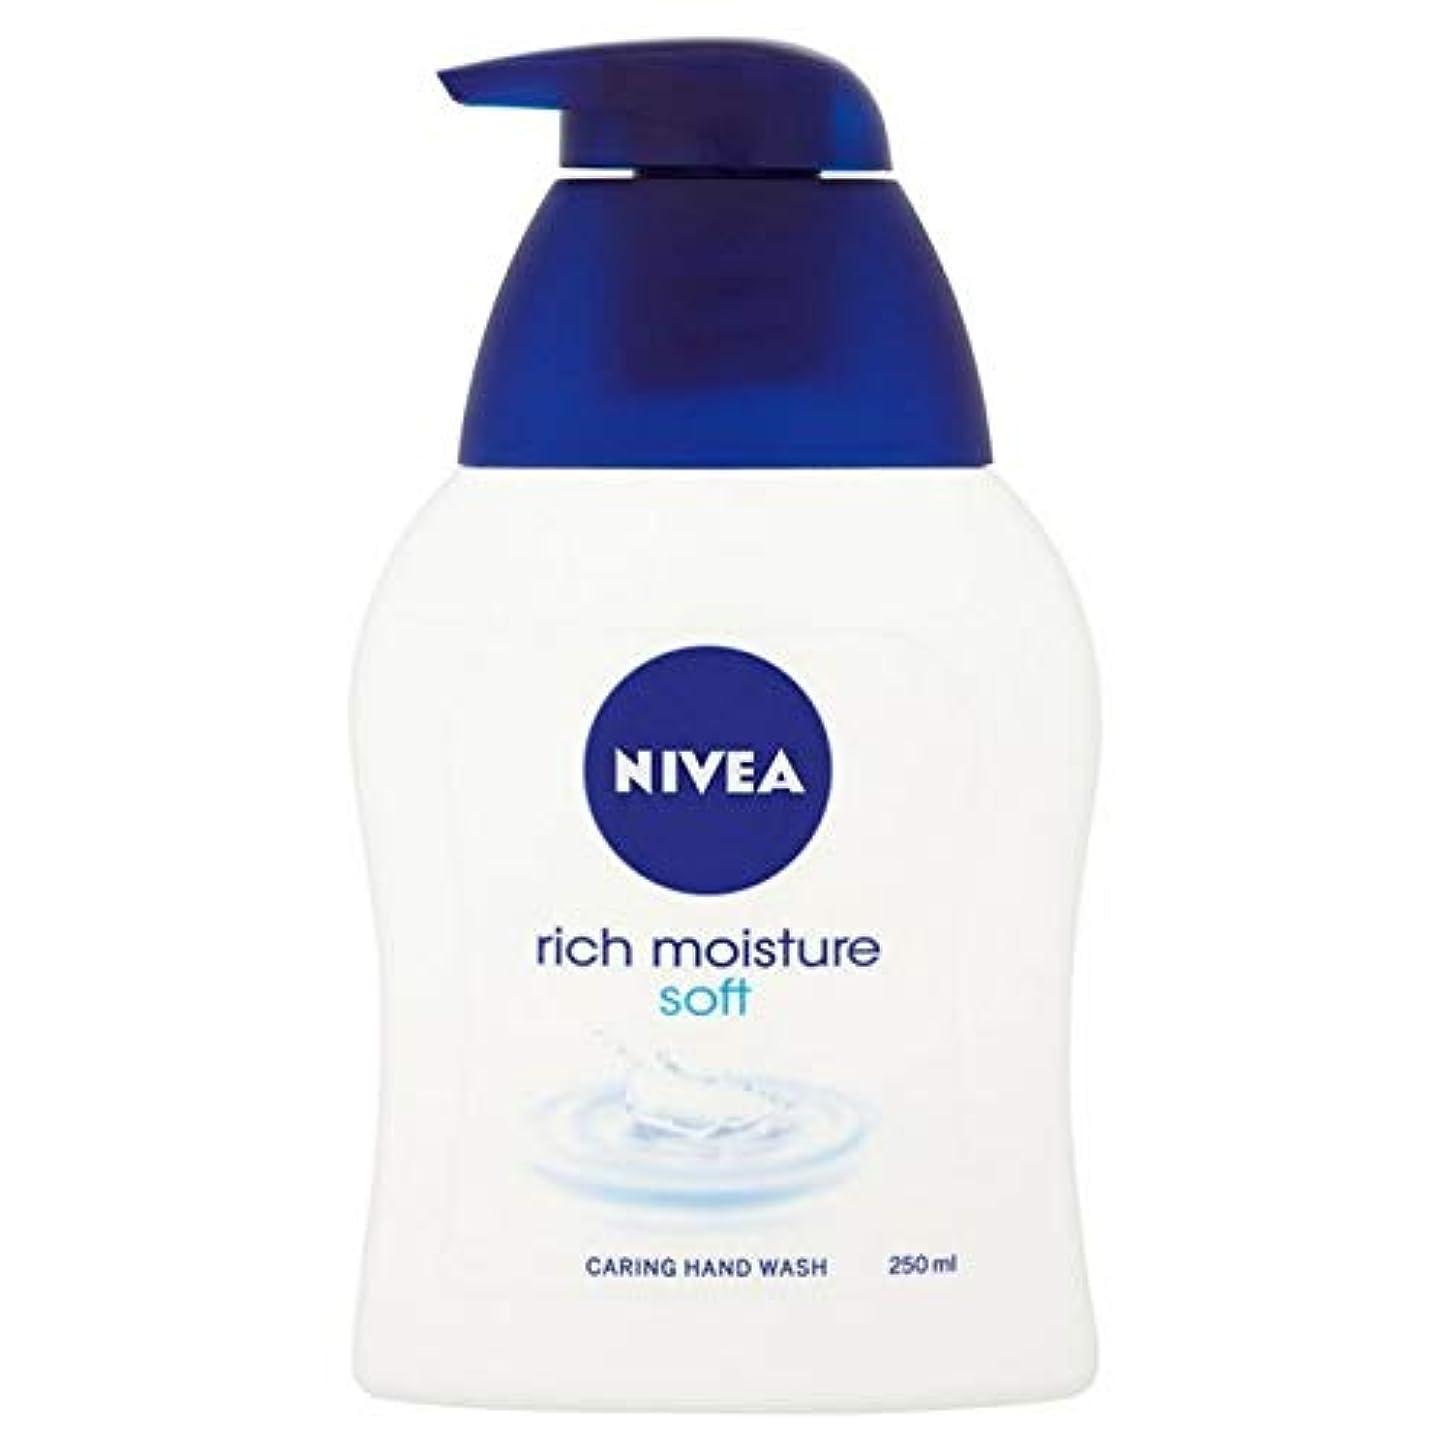 バルセロナミスペンドにんじん[Nivea ] ニベア豊富な水分ソフト思いやり手洗いの250ミリリットル - Nivea Rich Moisture Soft Caring Hand Wash 250ml [並行輸入品]